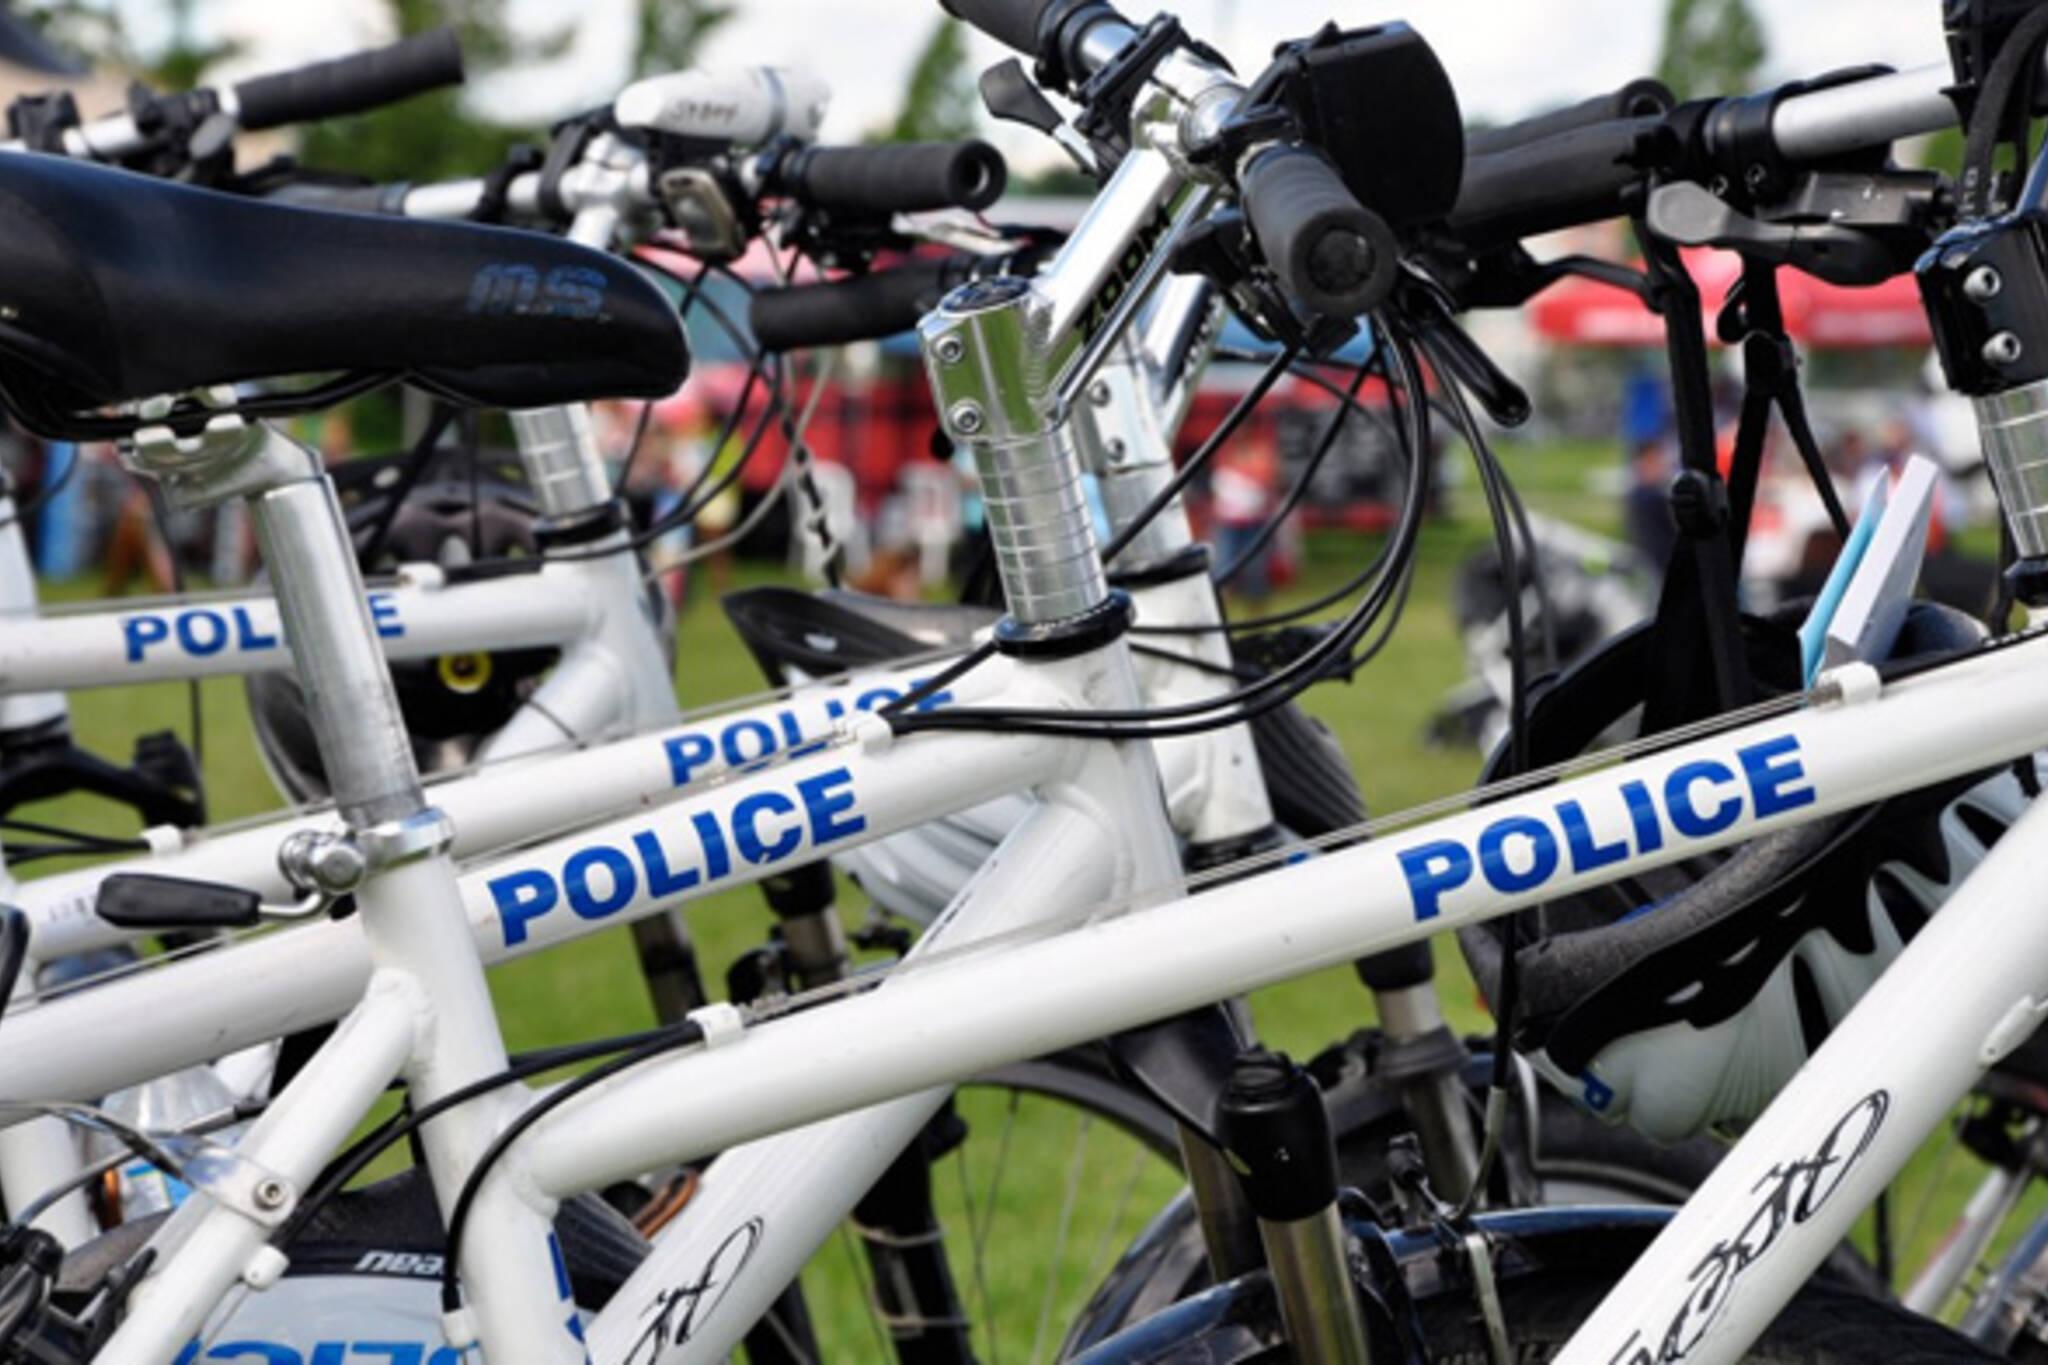 police bike toronto